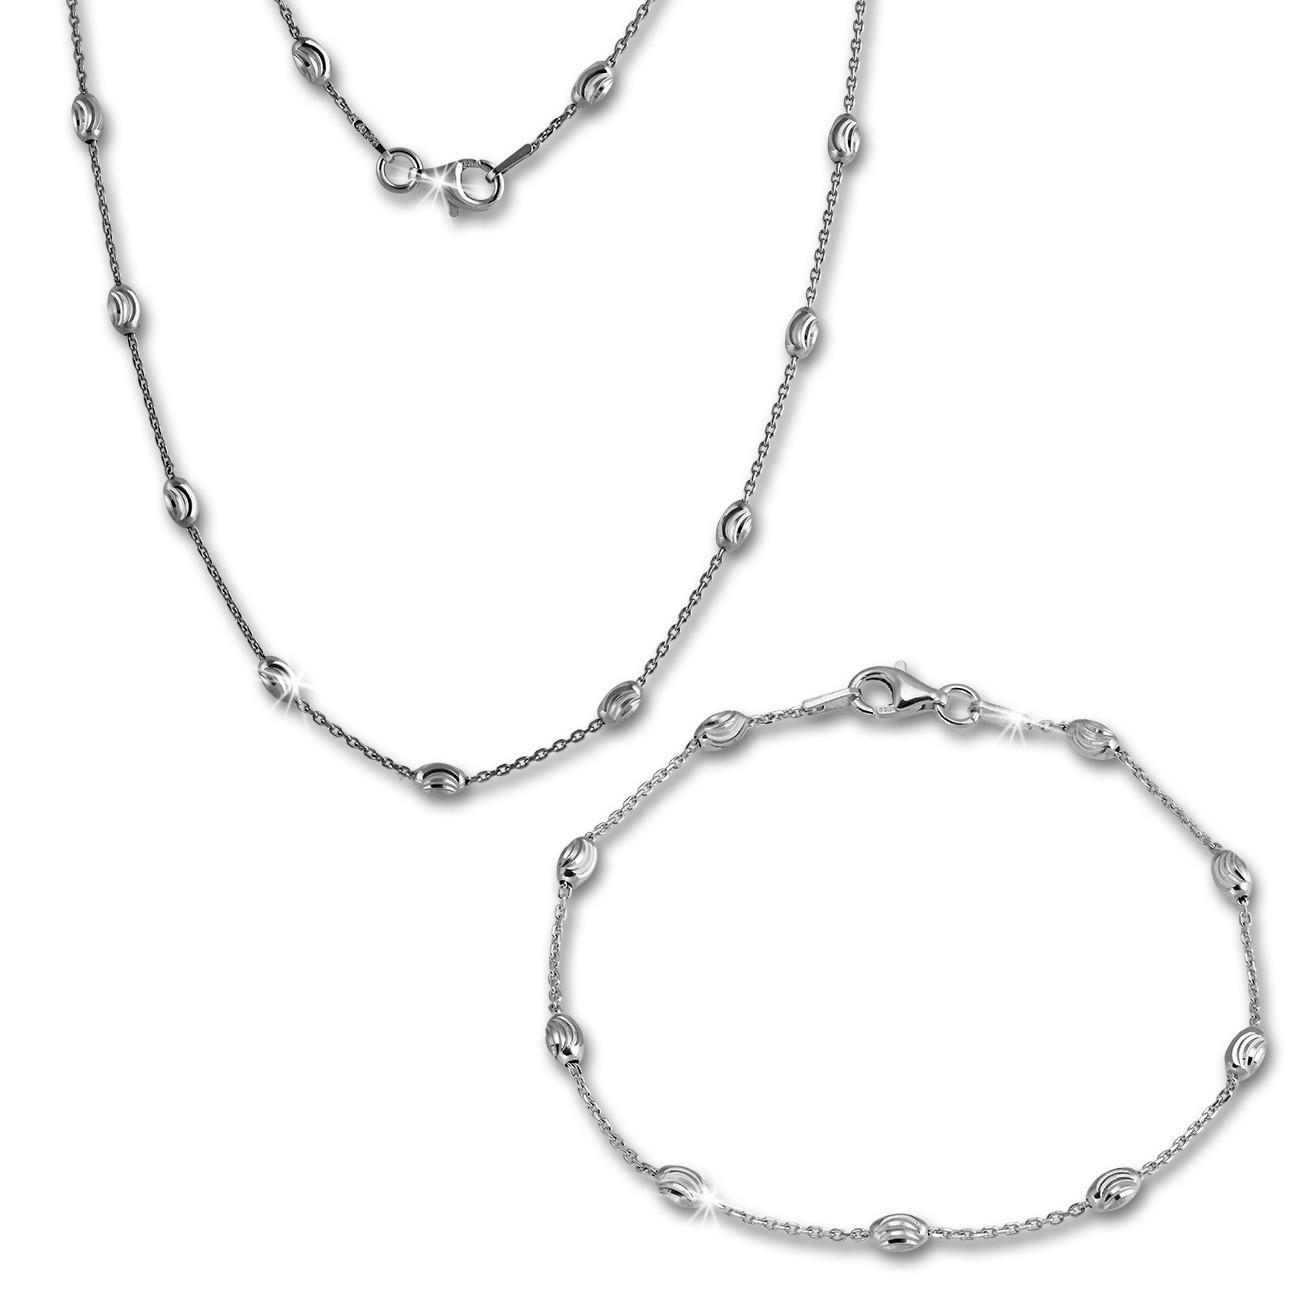 SilberDream Schmuckset Glamour Kette & Armband 925er Sterling Silber SDS238J